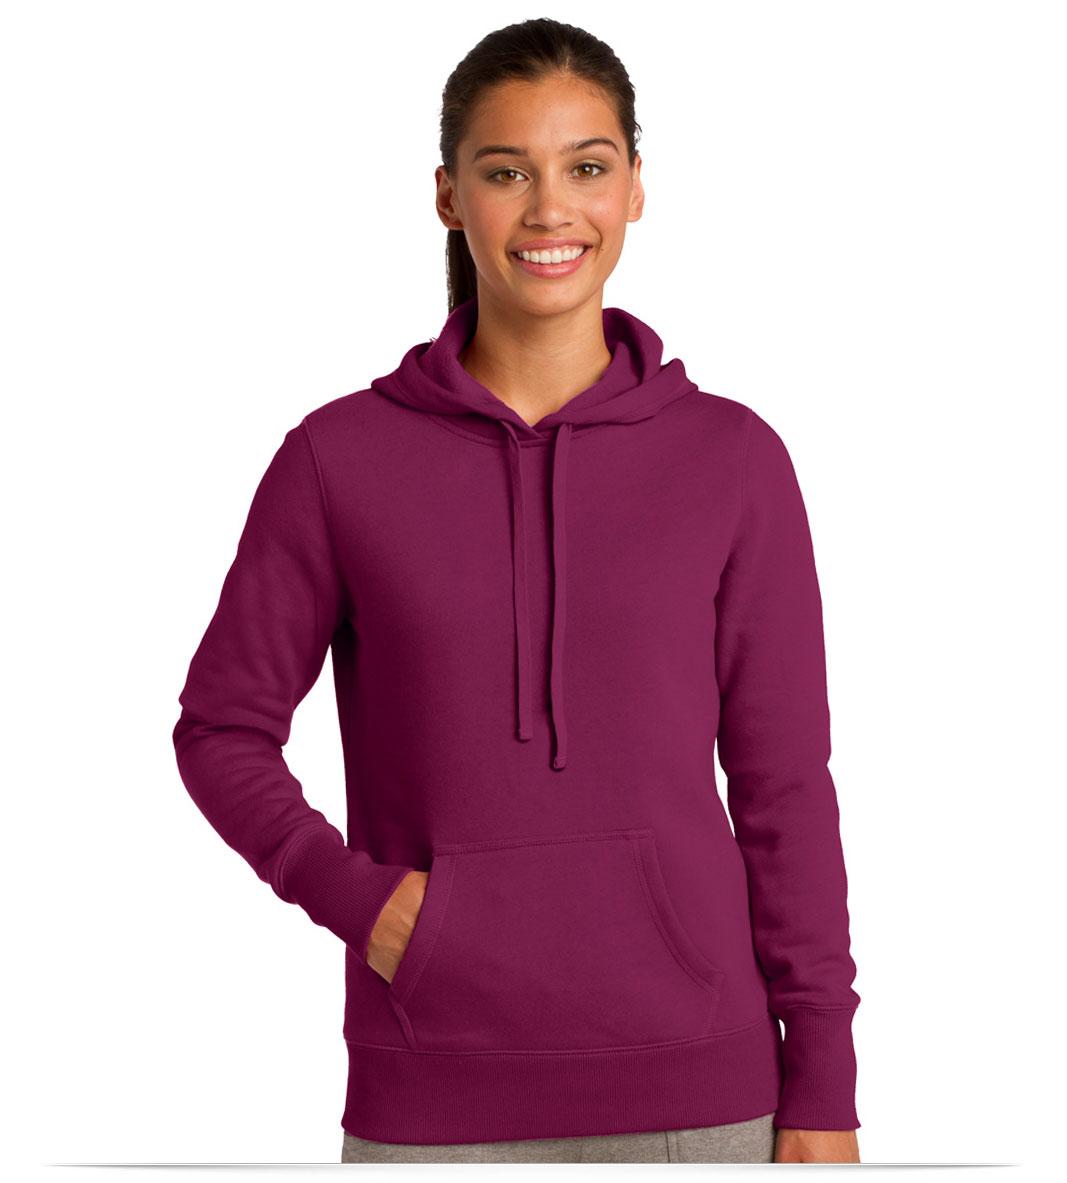 Personalized Sport-Tek Ladies Pullover Hooded Sweatshirt